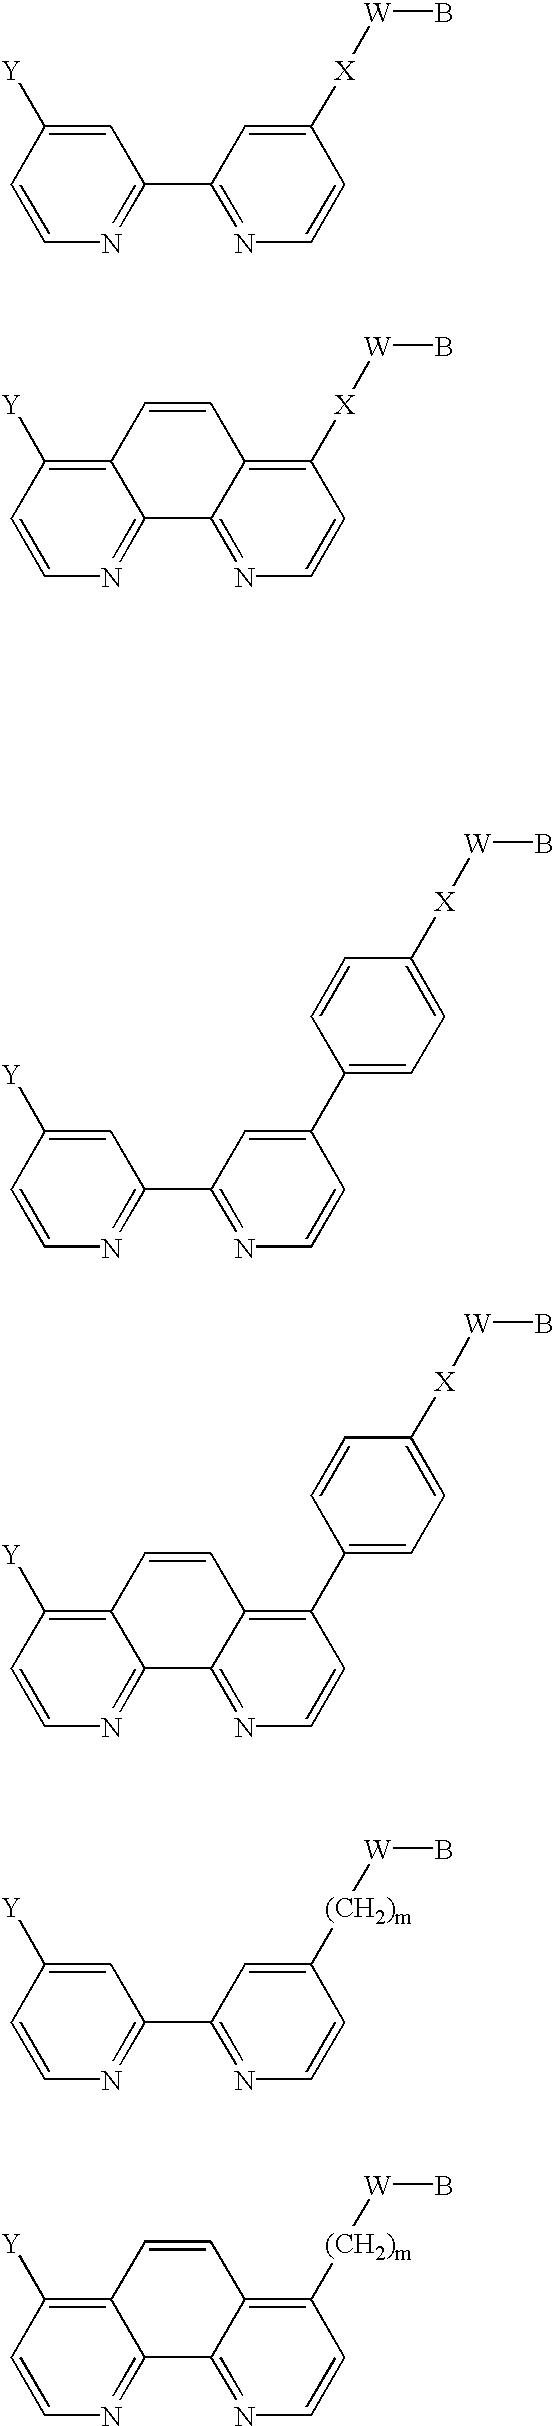 Figure US06808939-20041026-C00005